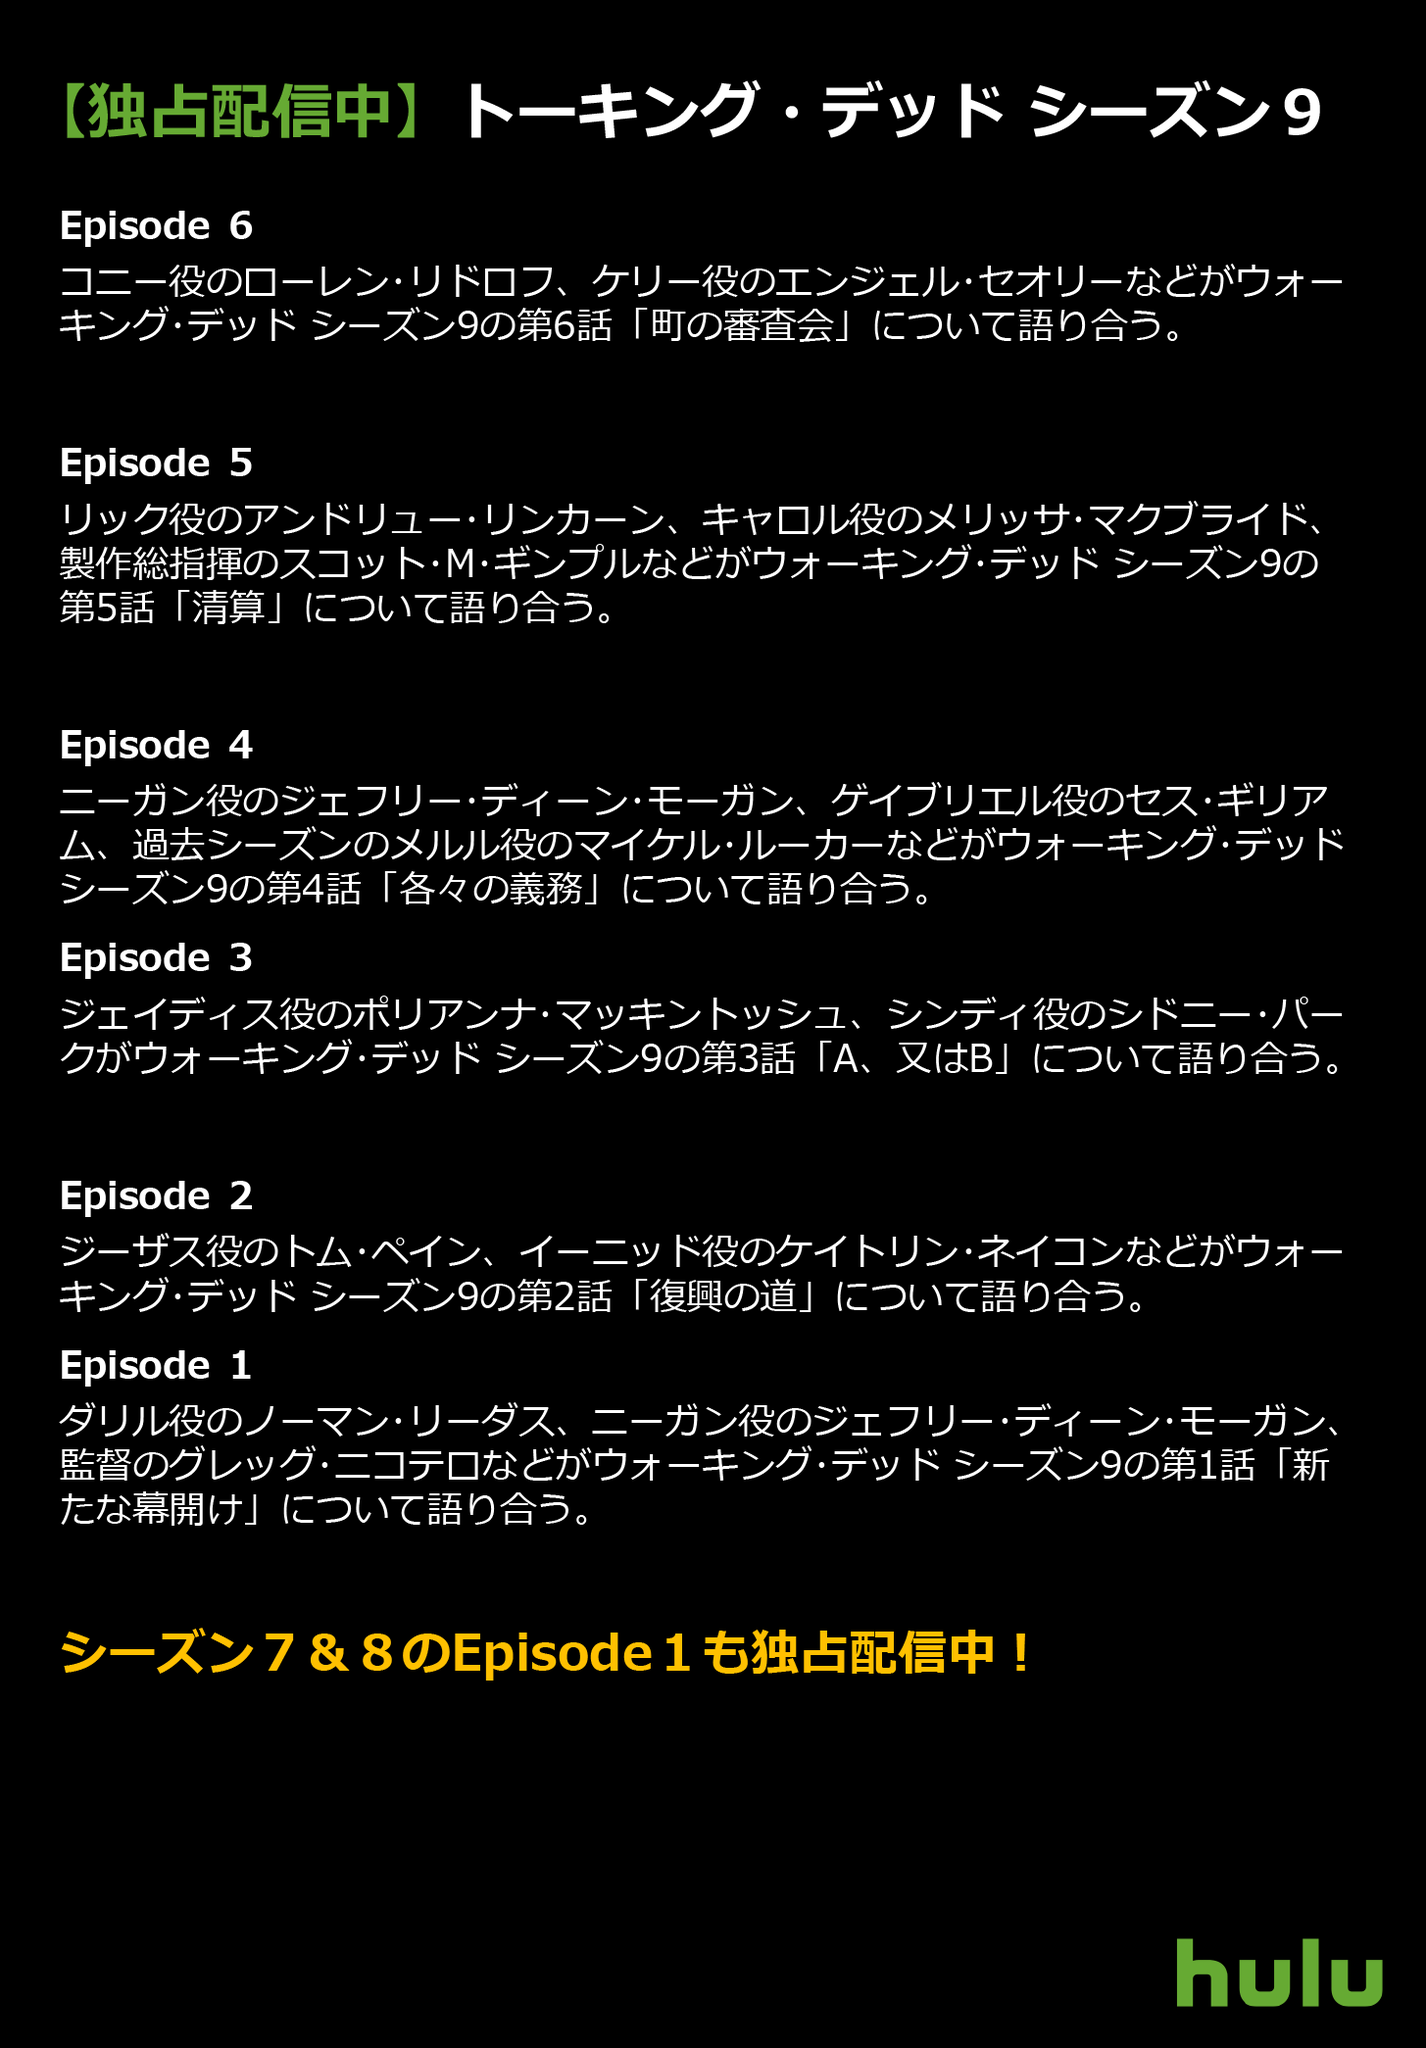 Hulu Japan 海外ドラマ A Twitter 今日から トーキング デッド シーズン9 Ep9を独占配信スタート 今回はダリルとニーガン ウォーキングデッド Twd